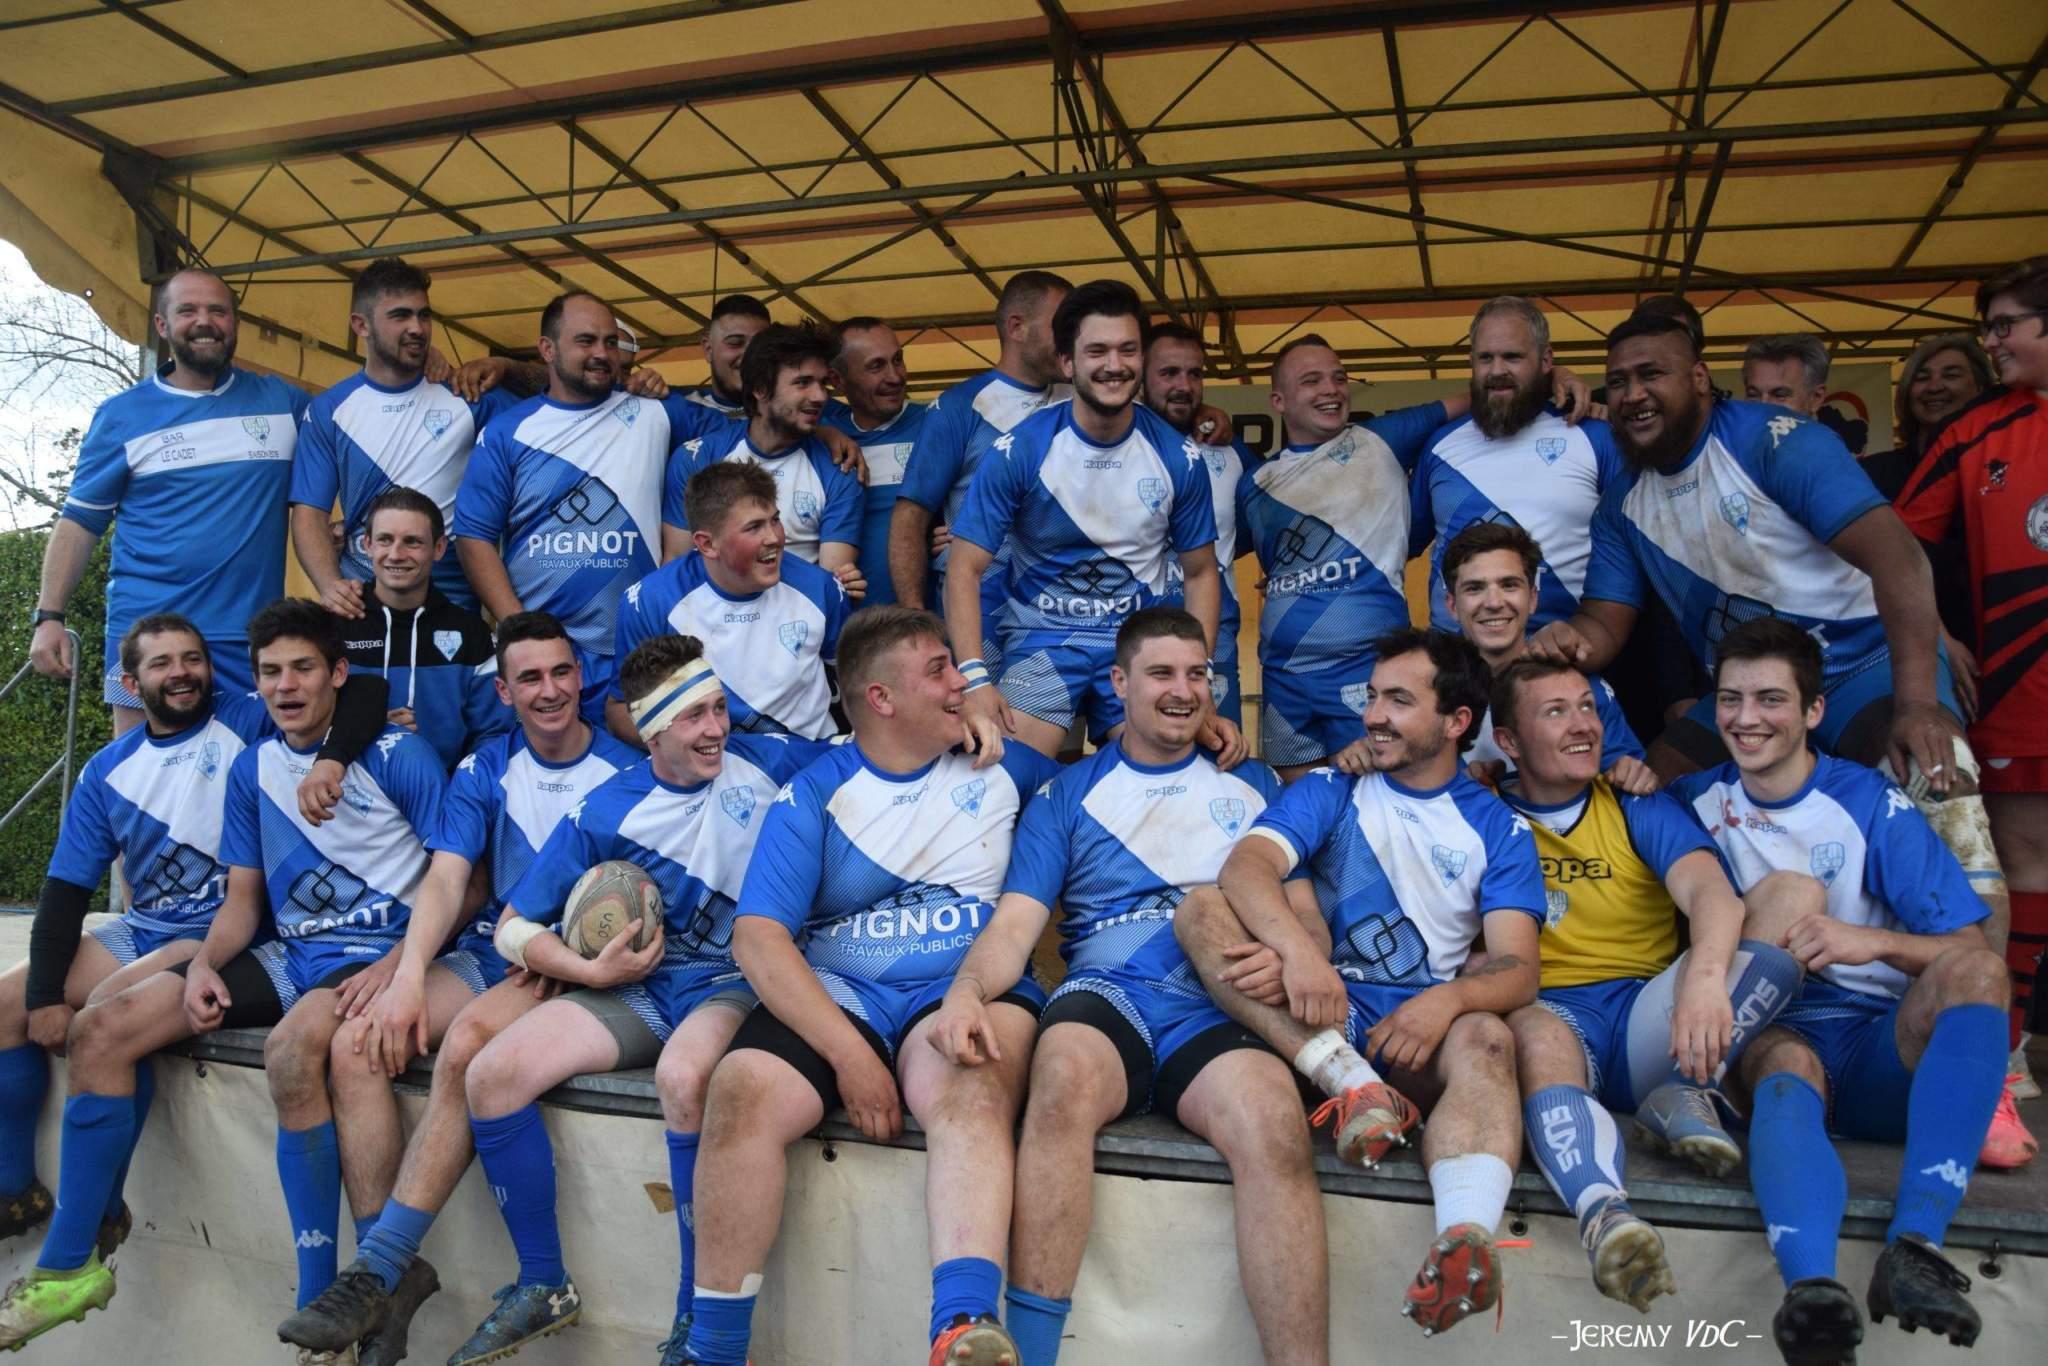 Delon et Castro faisaient partie de l'équipe d'Objat ayant remporté la finale du Terroir Pays Lémovice de PH contre Egletons en 2019 et disputée... à Malemort (archive photo Jeremy VdC)